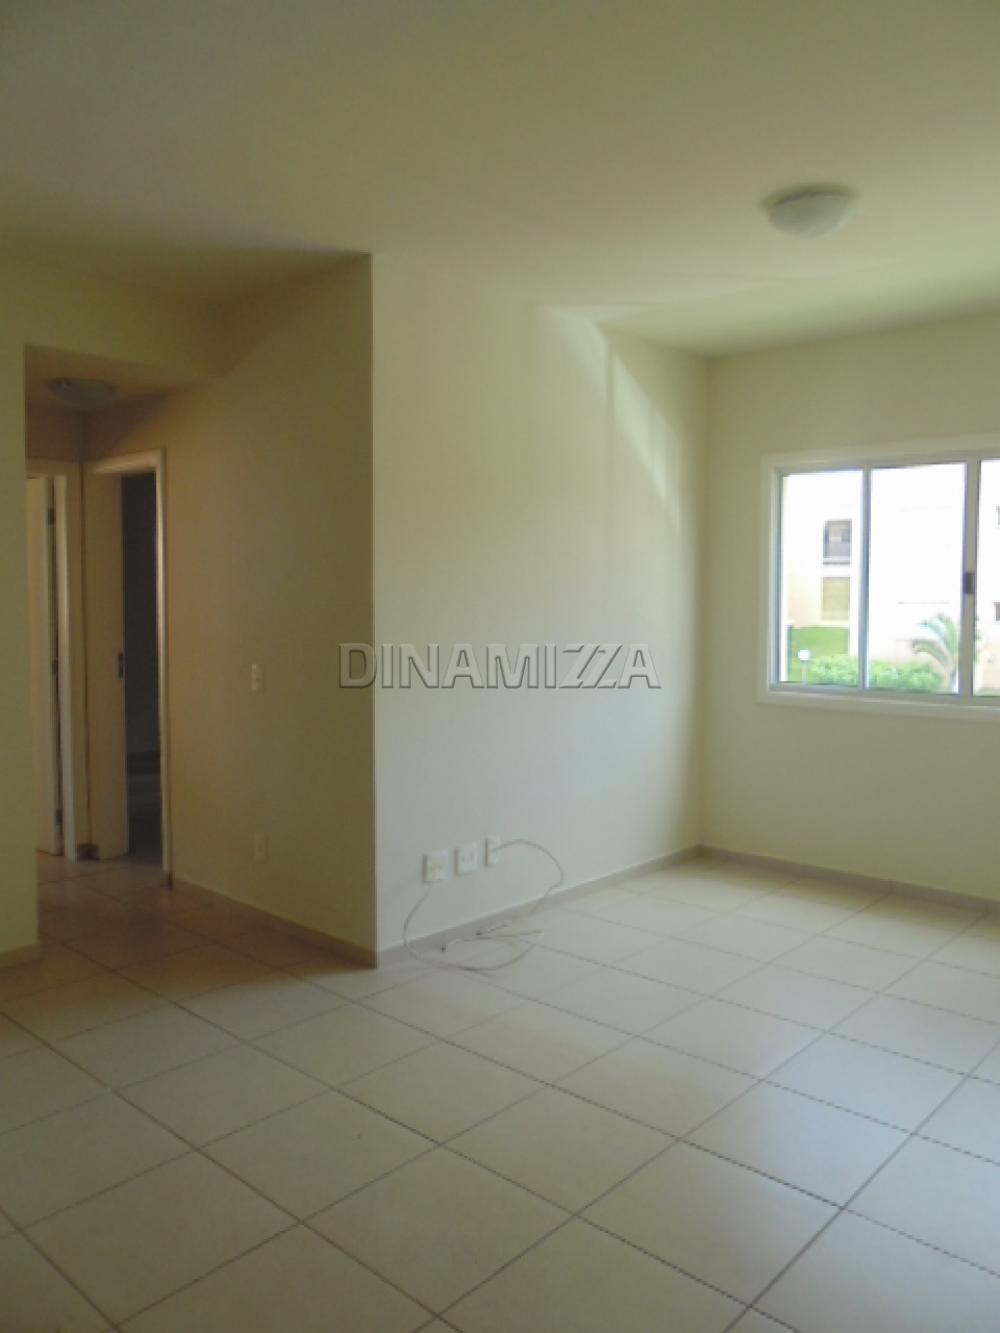 Alugar Apartamento / Padrão em Uberaba apenas R$ 850,00 - Foto 2